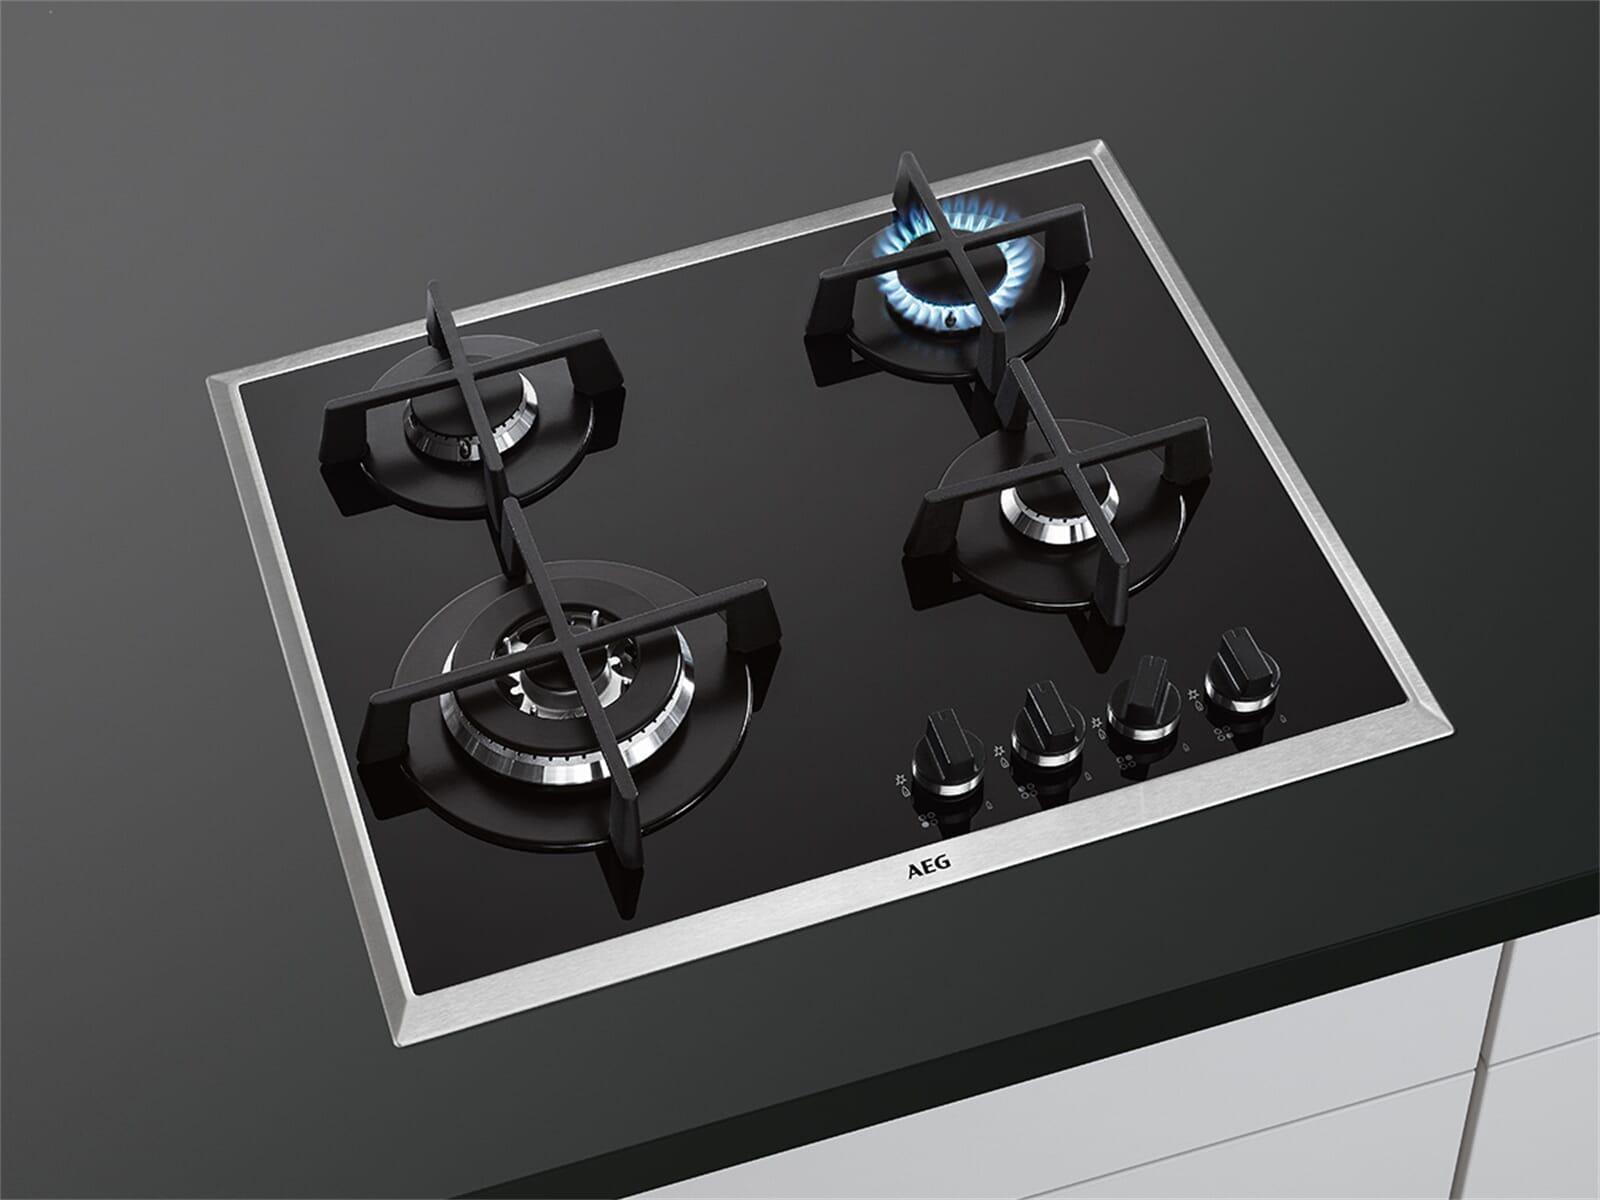 Aeg hg694550xbd glaskeramik gaskochfeld autark for Gaskochfeld autark